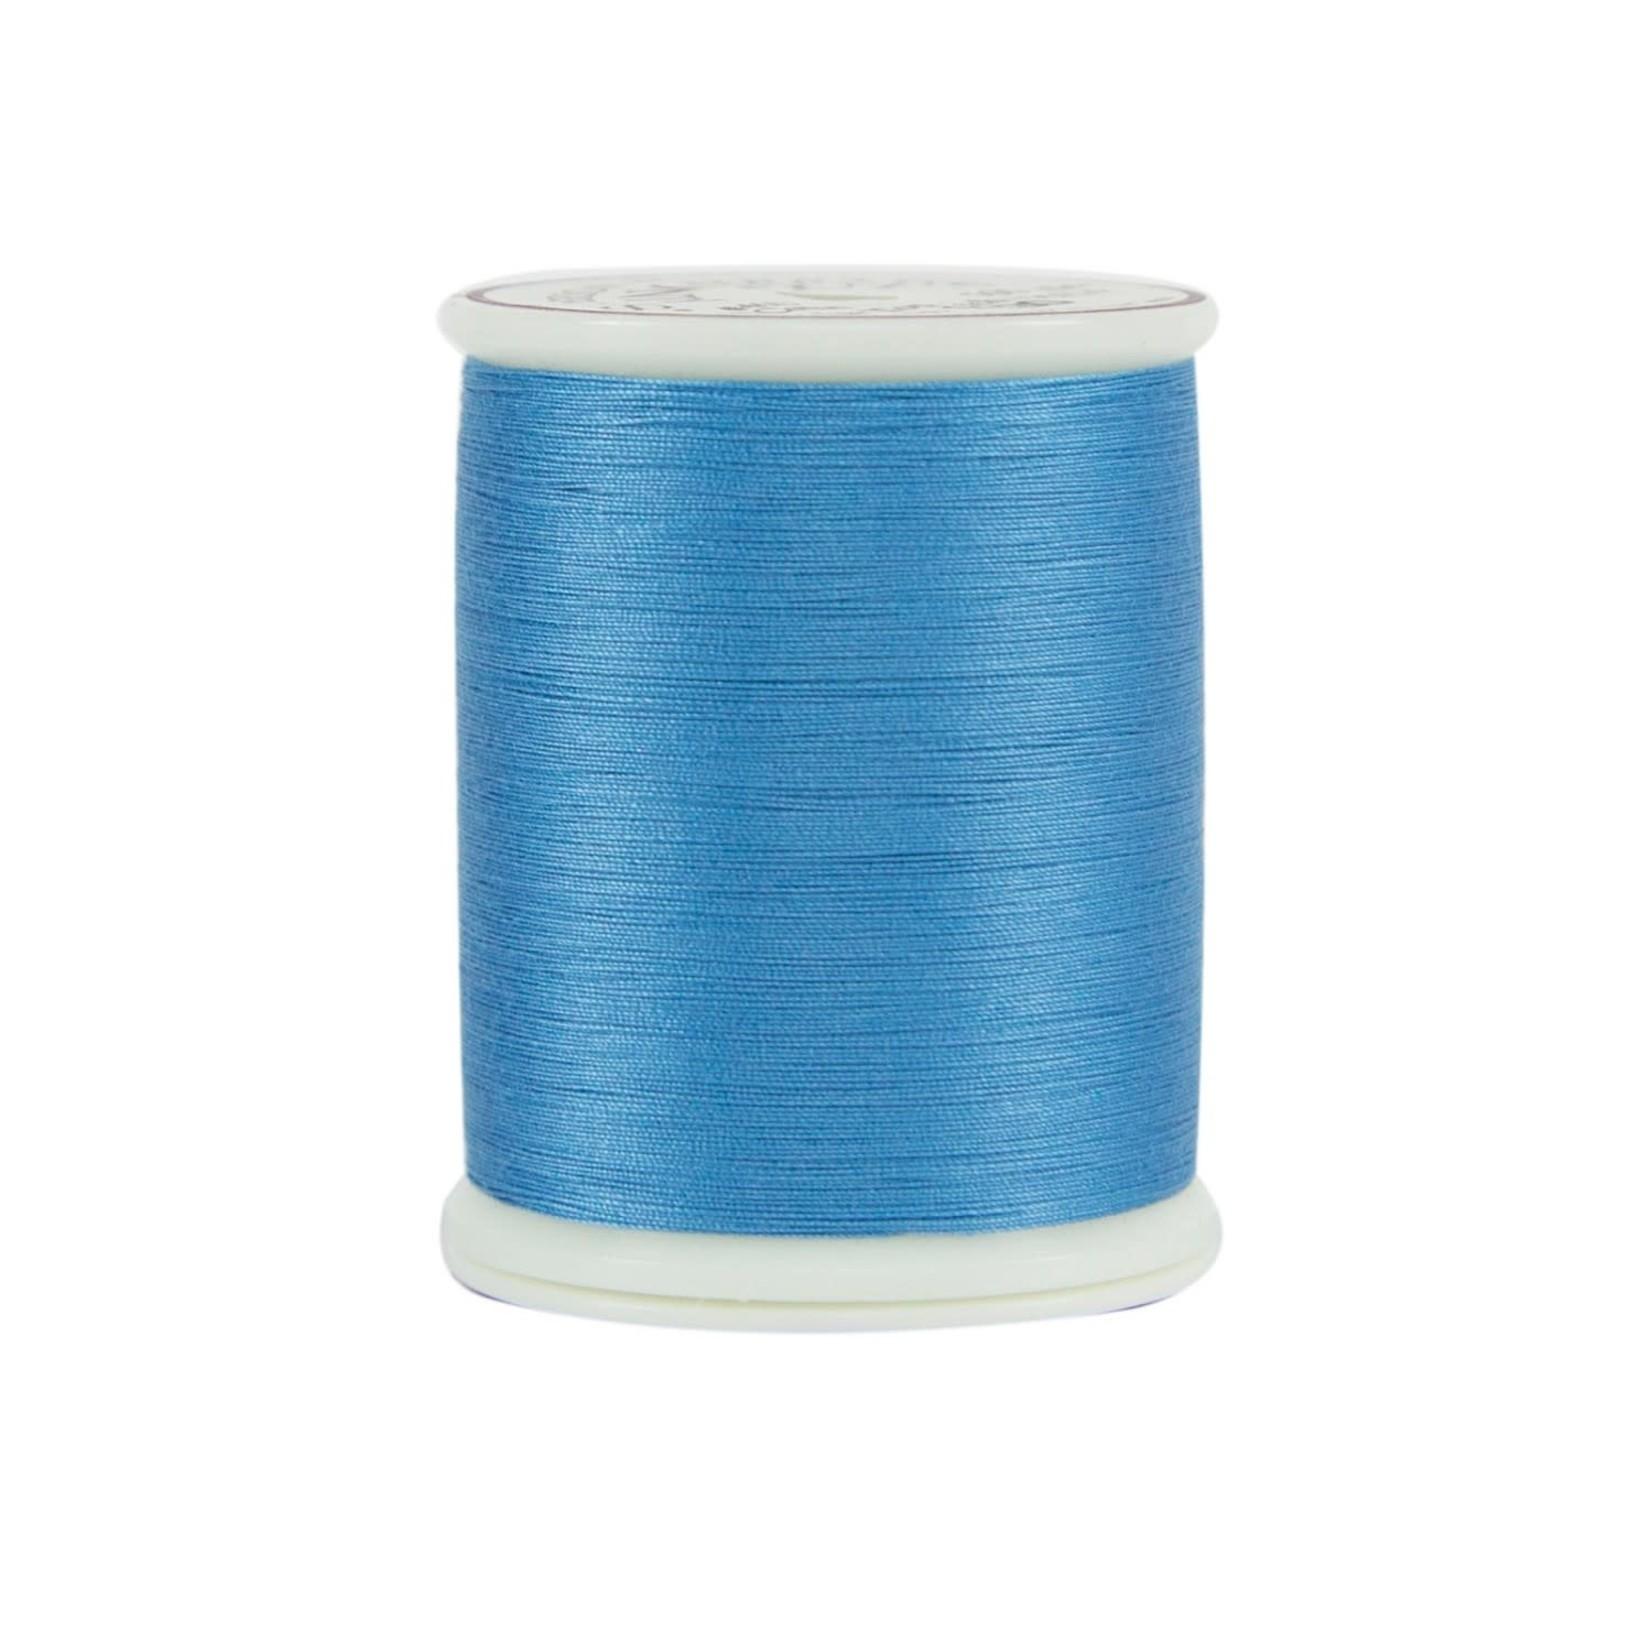 Superior Threads King Tut - #40 - 457 m - 1030 Aegean Sea